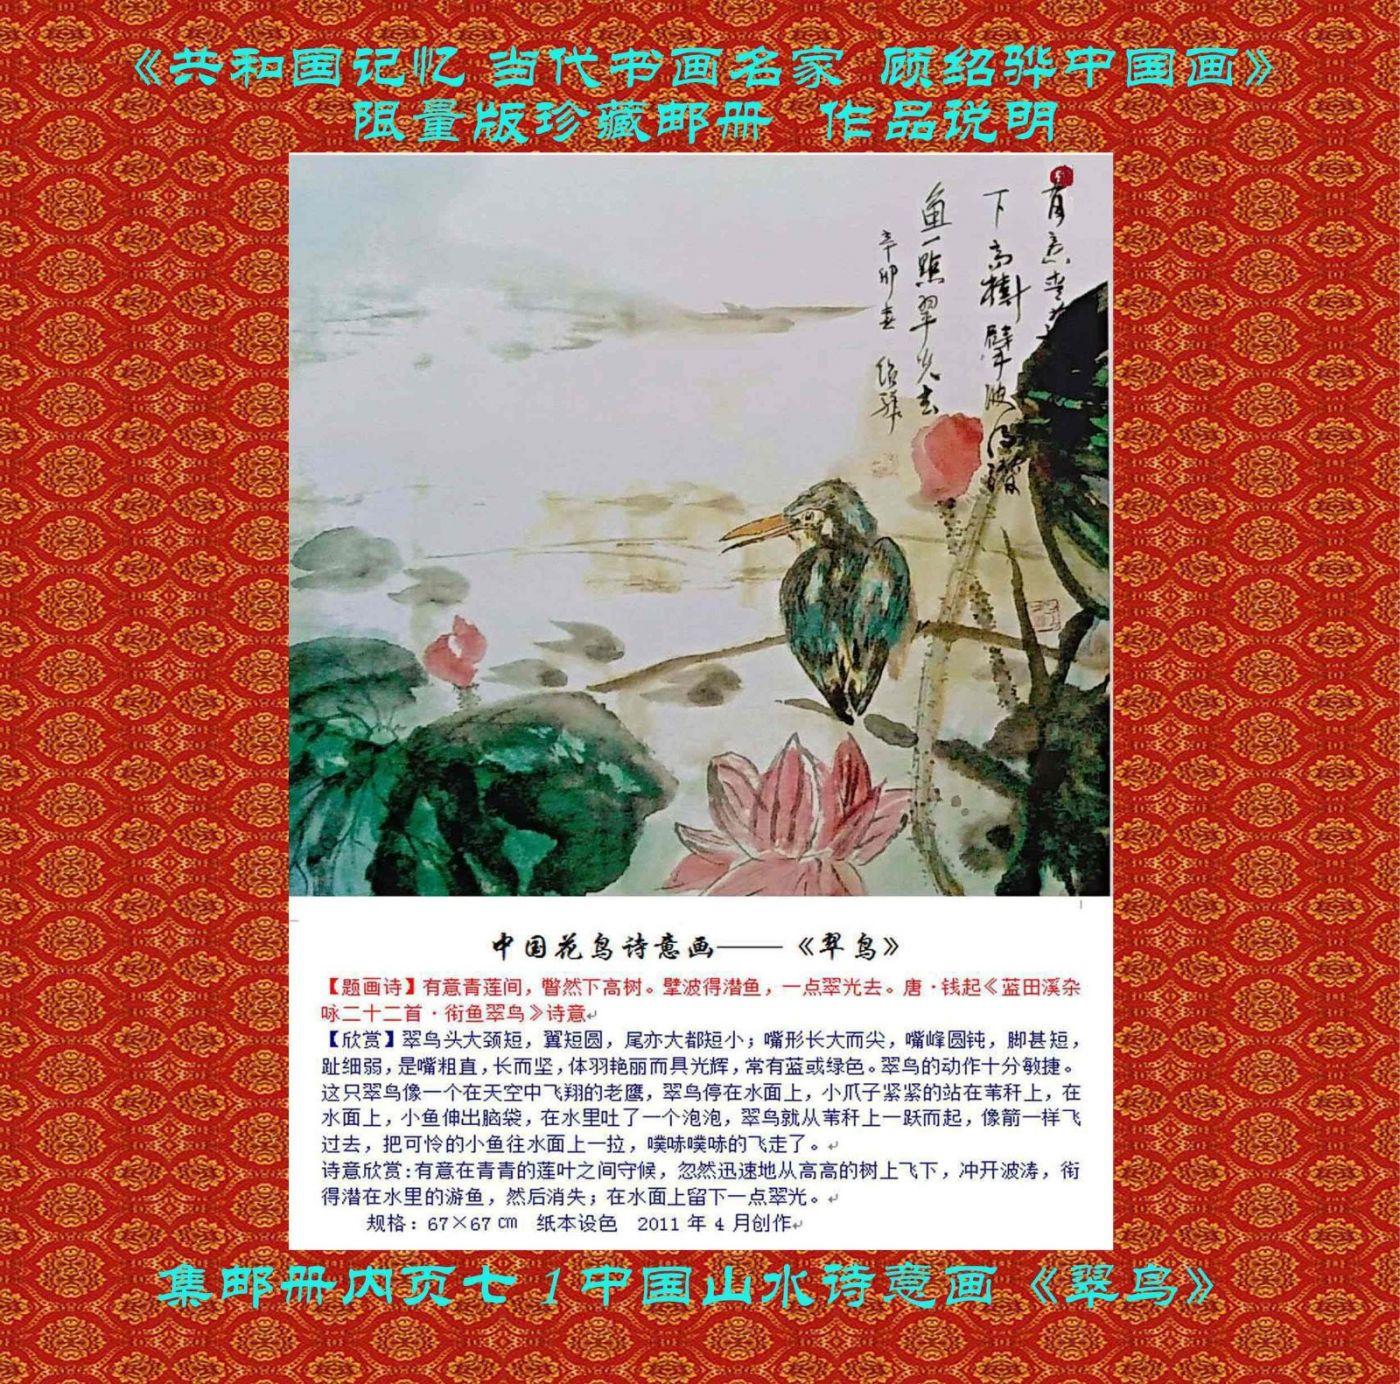 """""""顾绍骅的诗情画意""""入选《共和国记忆 ·中国书画艺术名家》限量版集邮珍藏册 ..._图1-27"""